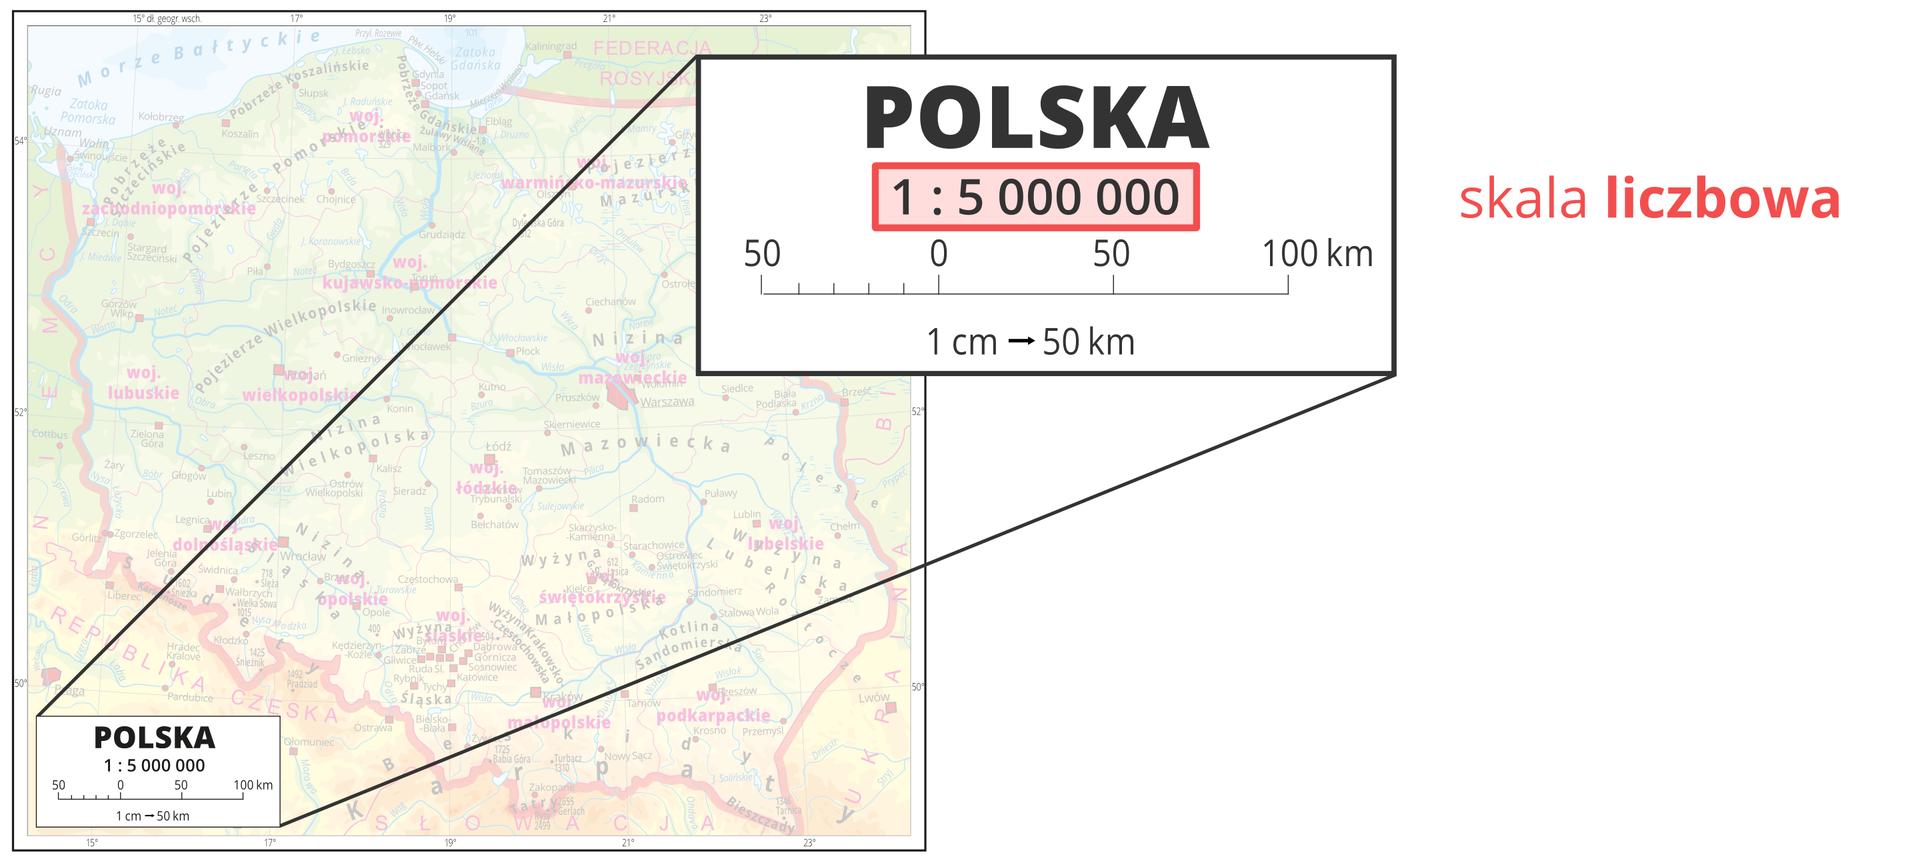 Galeria przedstawia trzy ilustracje zróżnymi typami skali umieszczanymi wlegendzie mapy. Pierwsza ilustracja pokazuje powiększenie legendy mapy ze skalą liczbową jeden do pięciu milionów, co oznacza, że coś zostało pomniejszone pięć milionów razy.